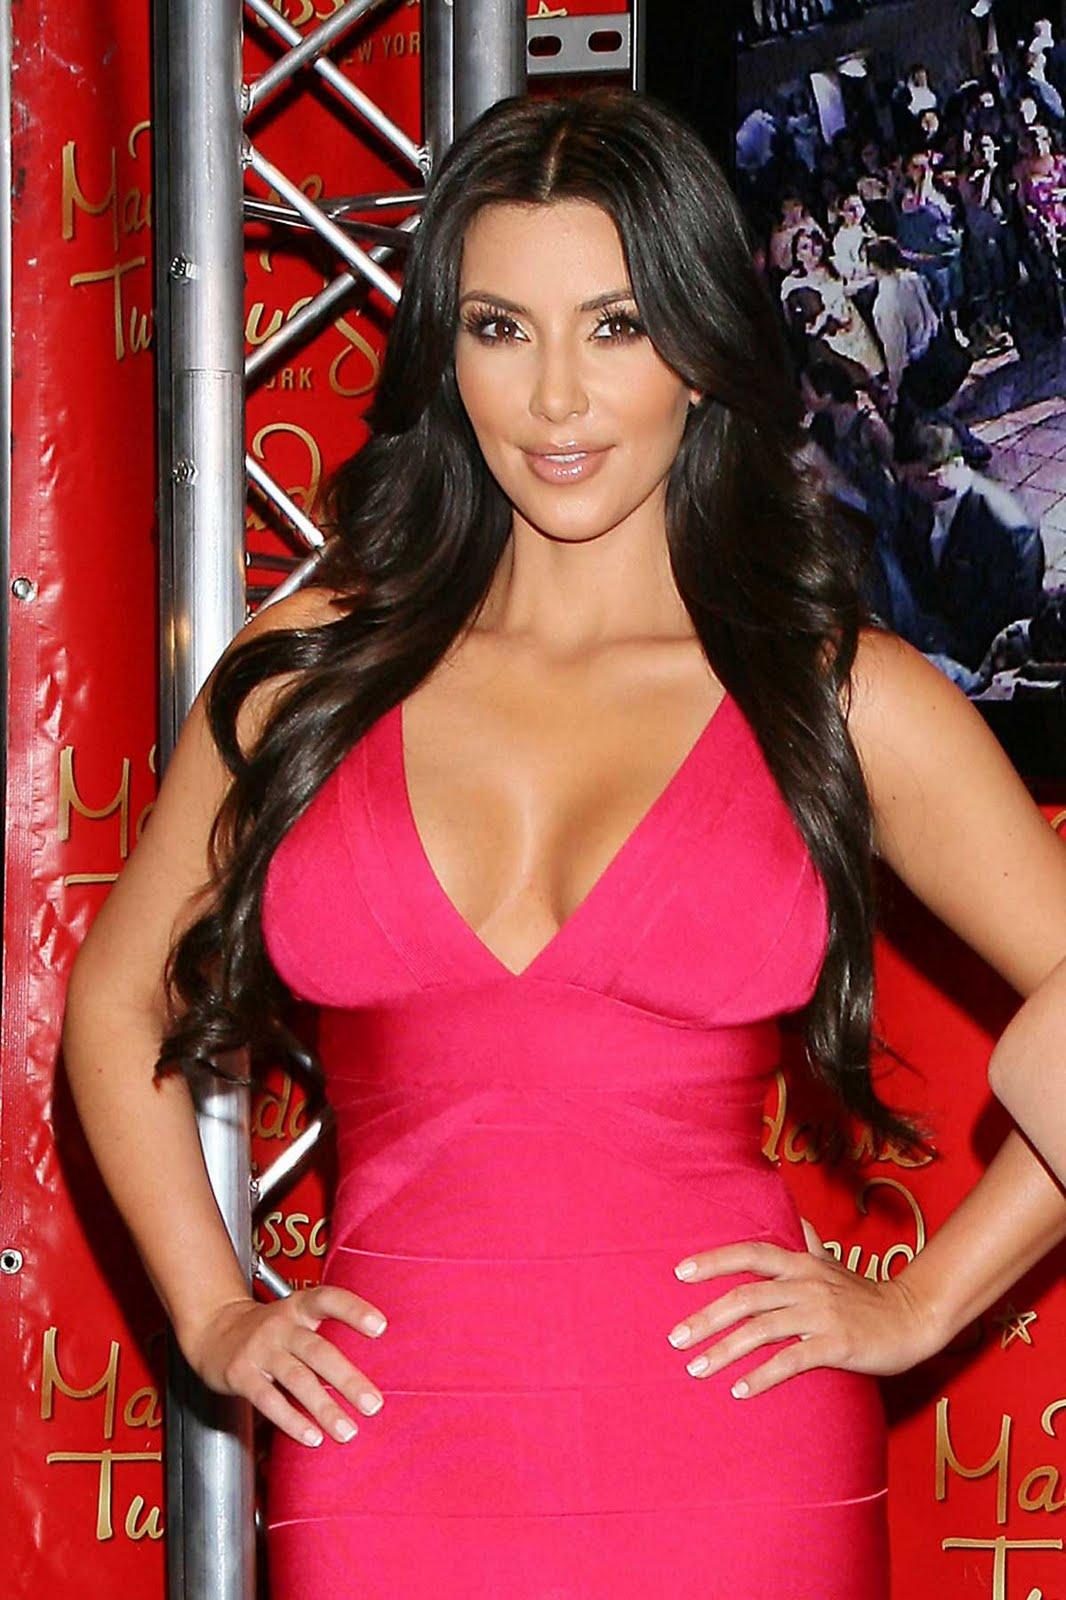 http://4.bp.blogspot.com/_ZRj5nlc3sp8/TC2779J1yOI/AAAAAAAAKvo/jJ6-MEkUc2c/s1600/Kim+Kardashian+Gets+Waxed+1.jpg